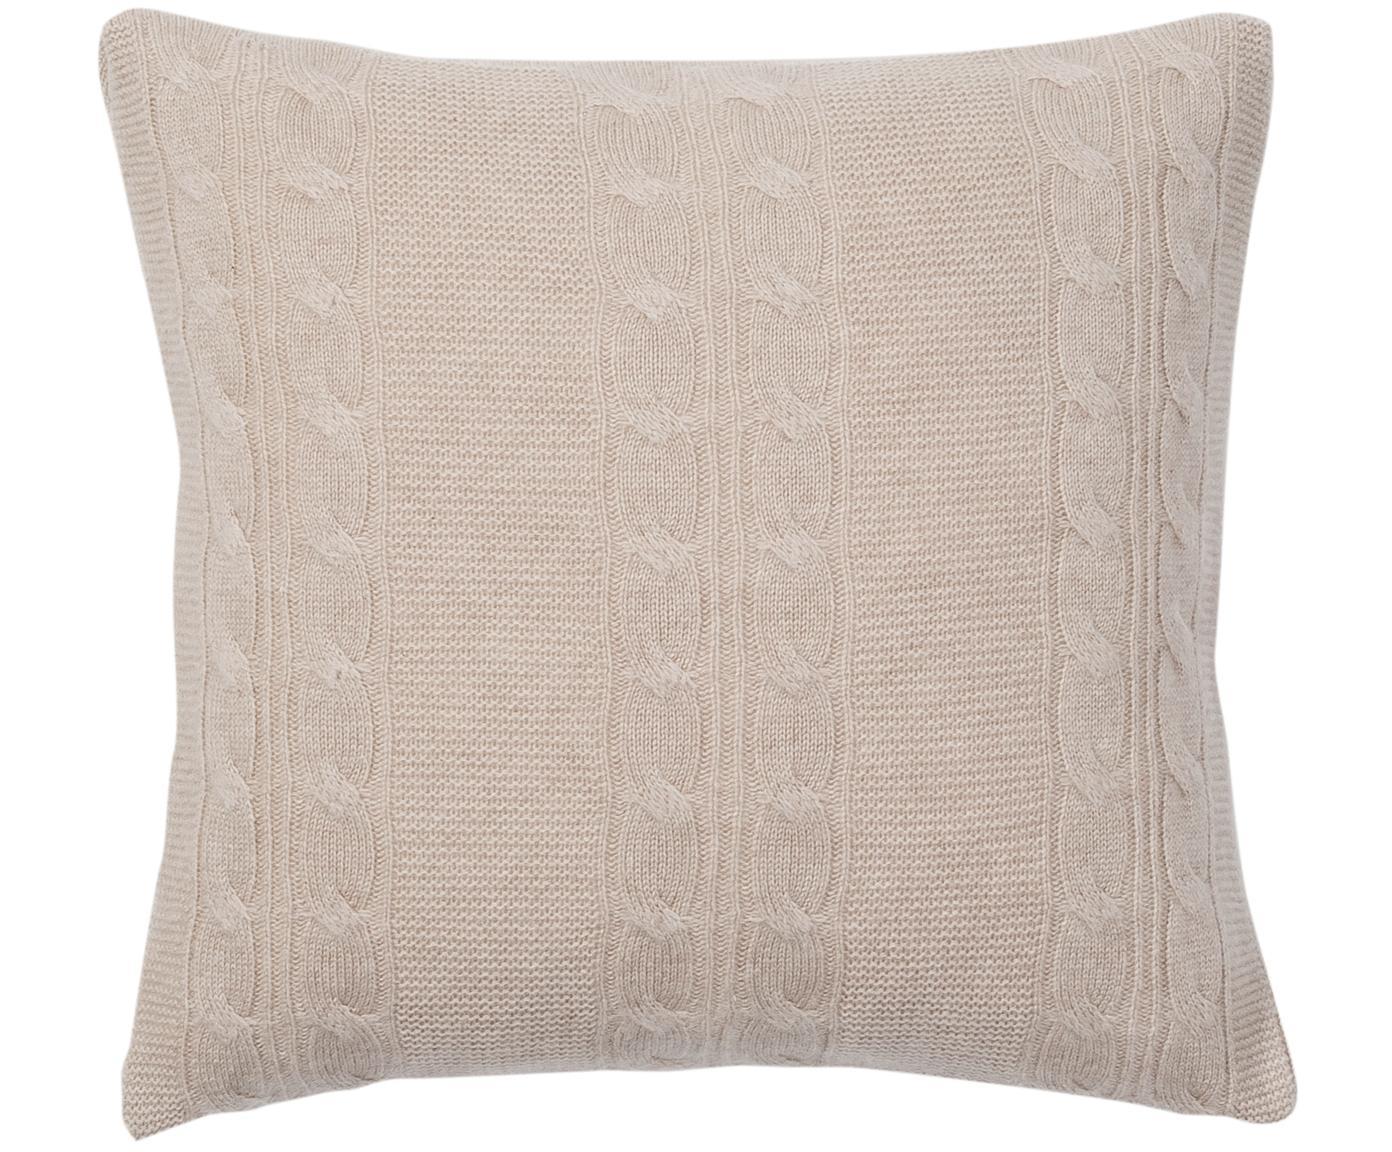 Funda de cojín de cachemira pura Leonie, 100%cachemira La cachemira es un tejido muy suave, cómodo y cálido, Gris pardo, An 40 x L 40 cm